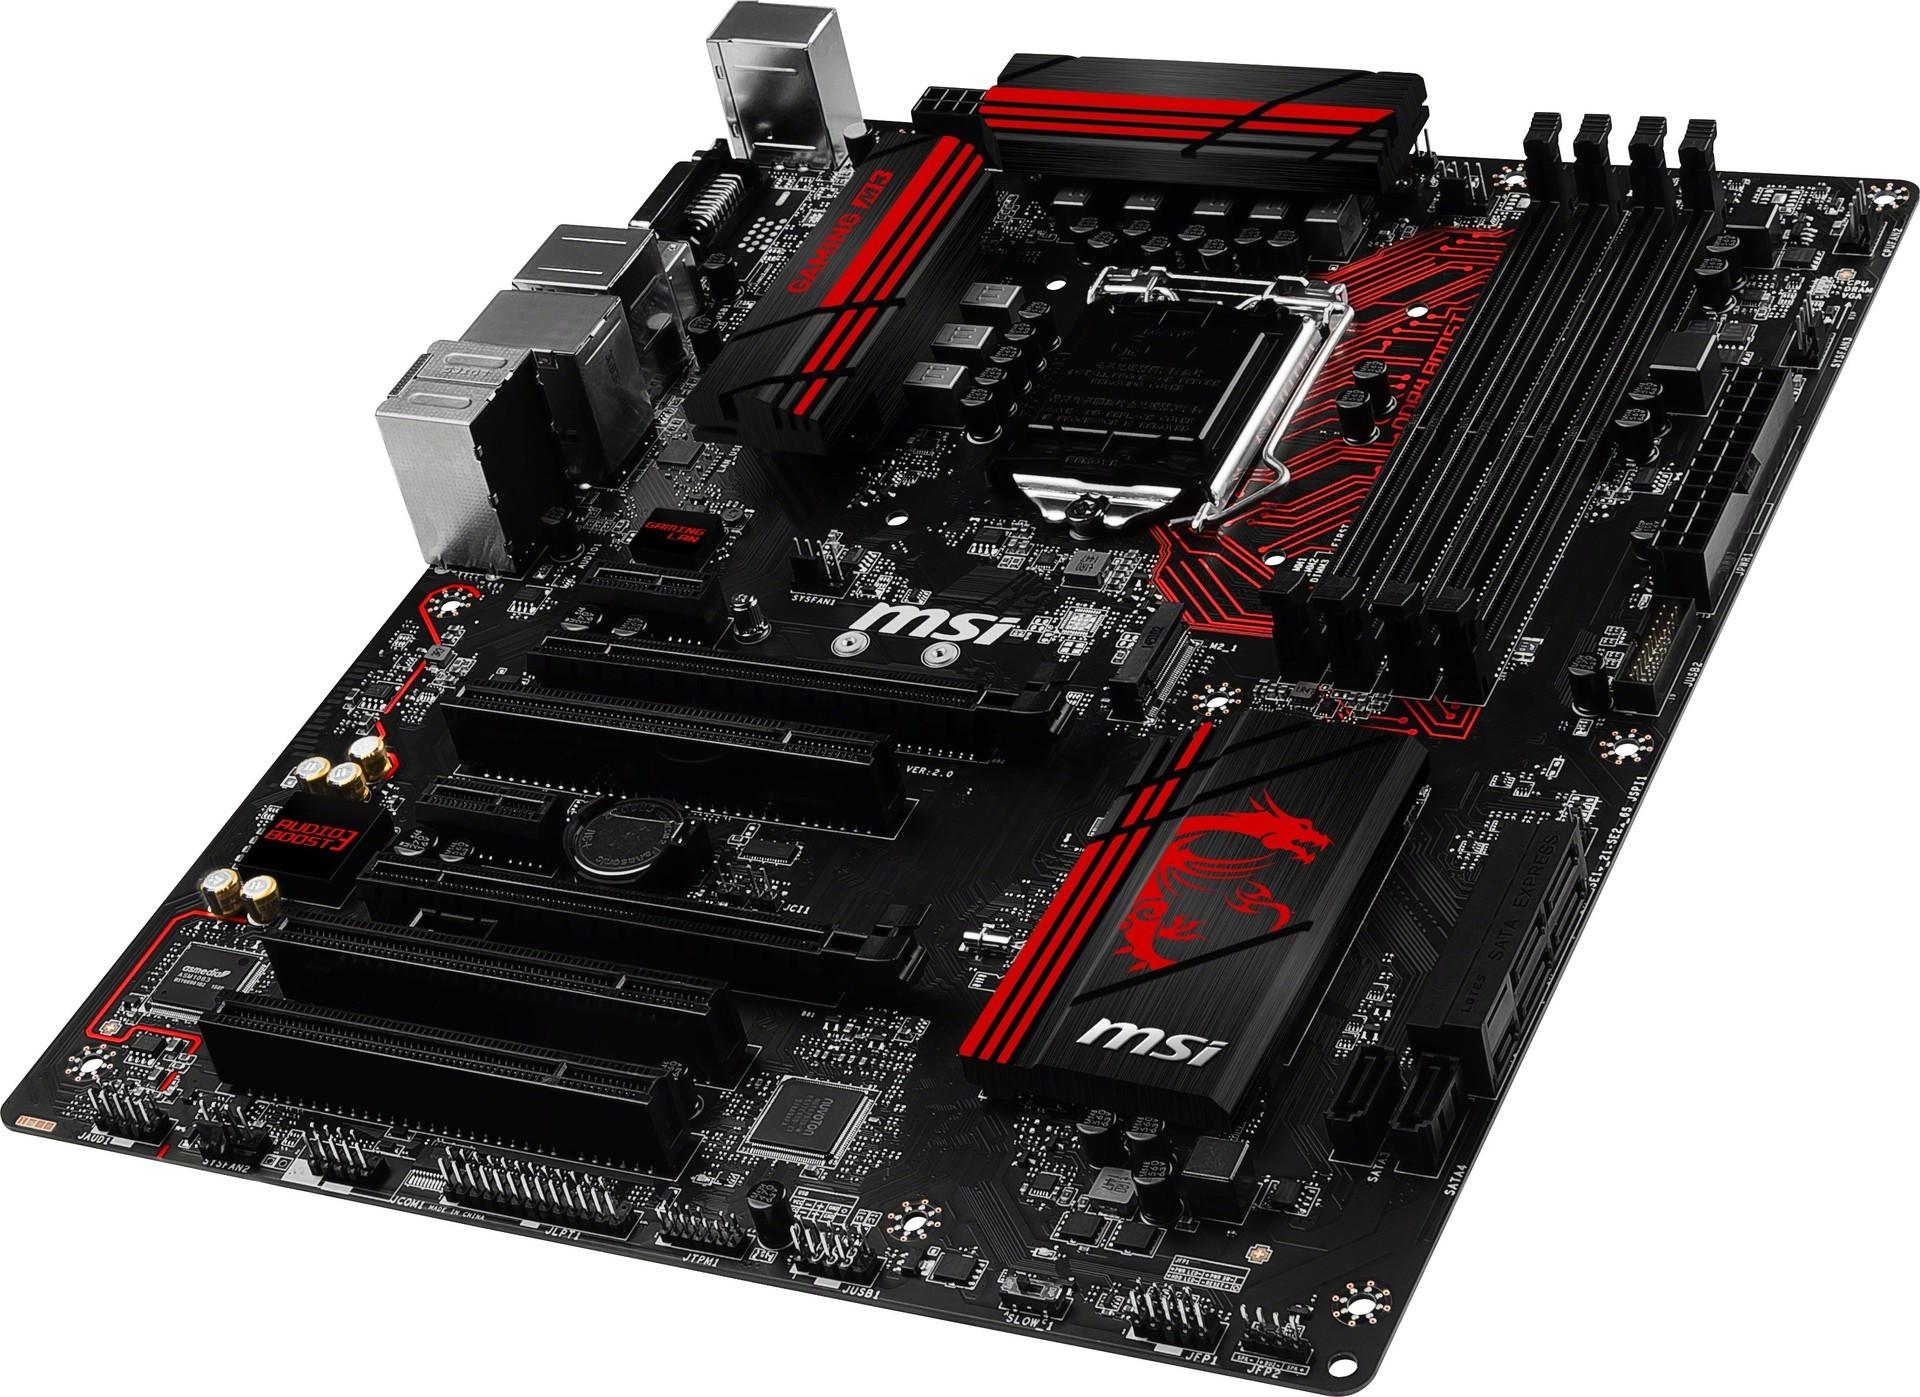 msi 970 gaming motherboard manual pdf